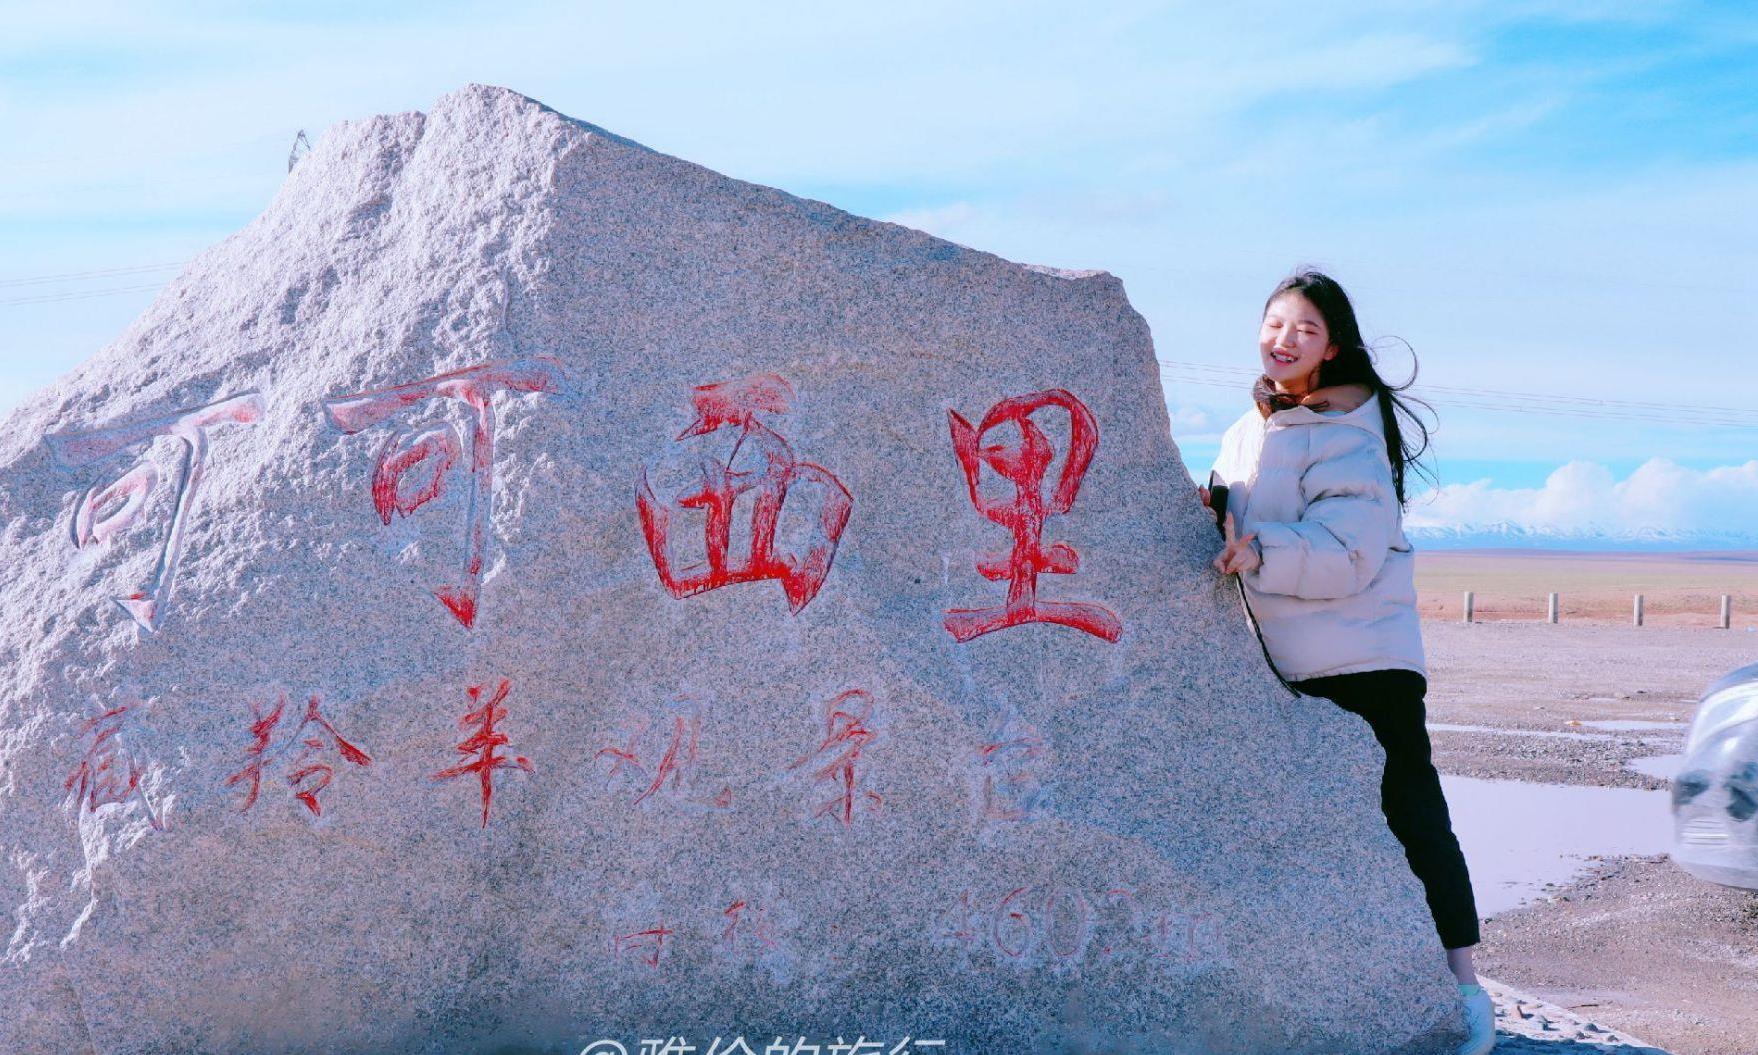 穿越青海可可西里无人区,海拔4千多米,藏羚羊突然出现太激动!